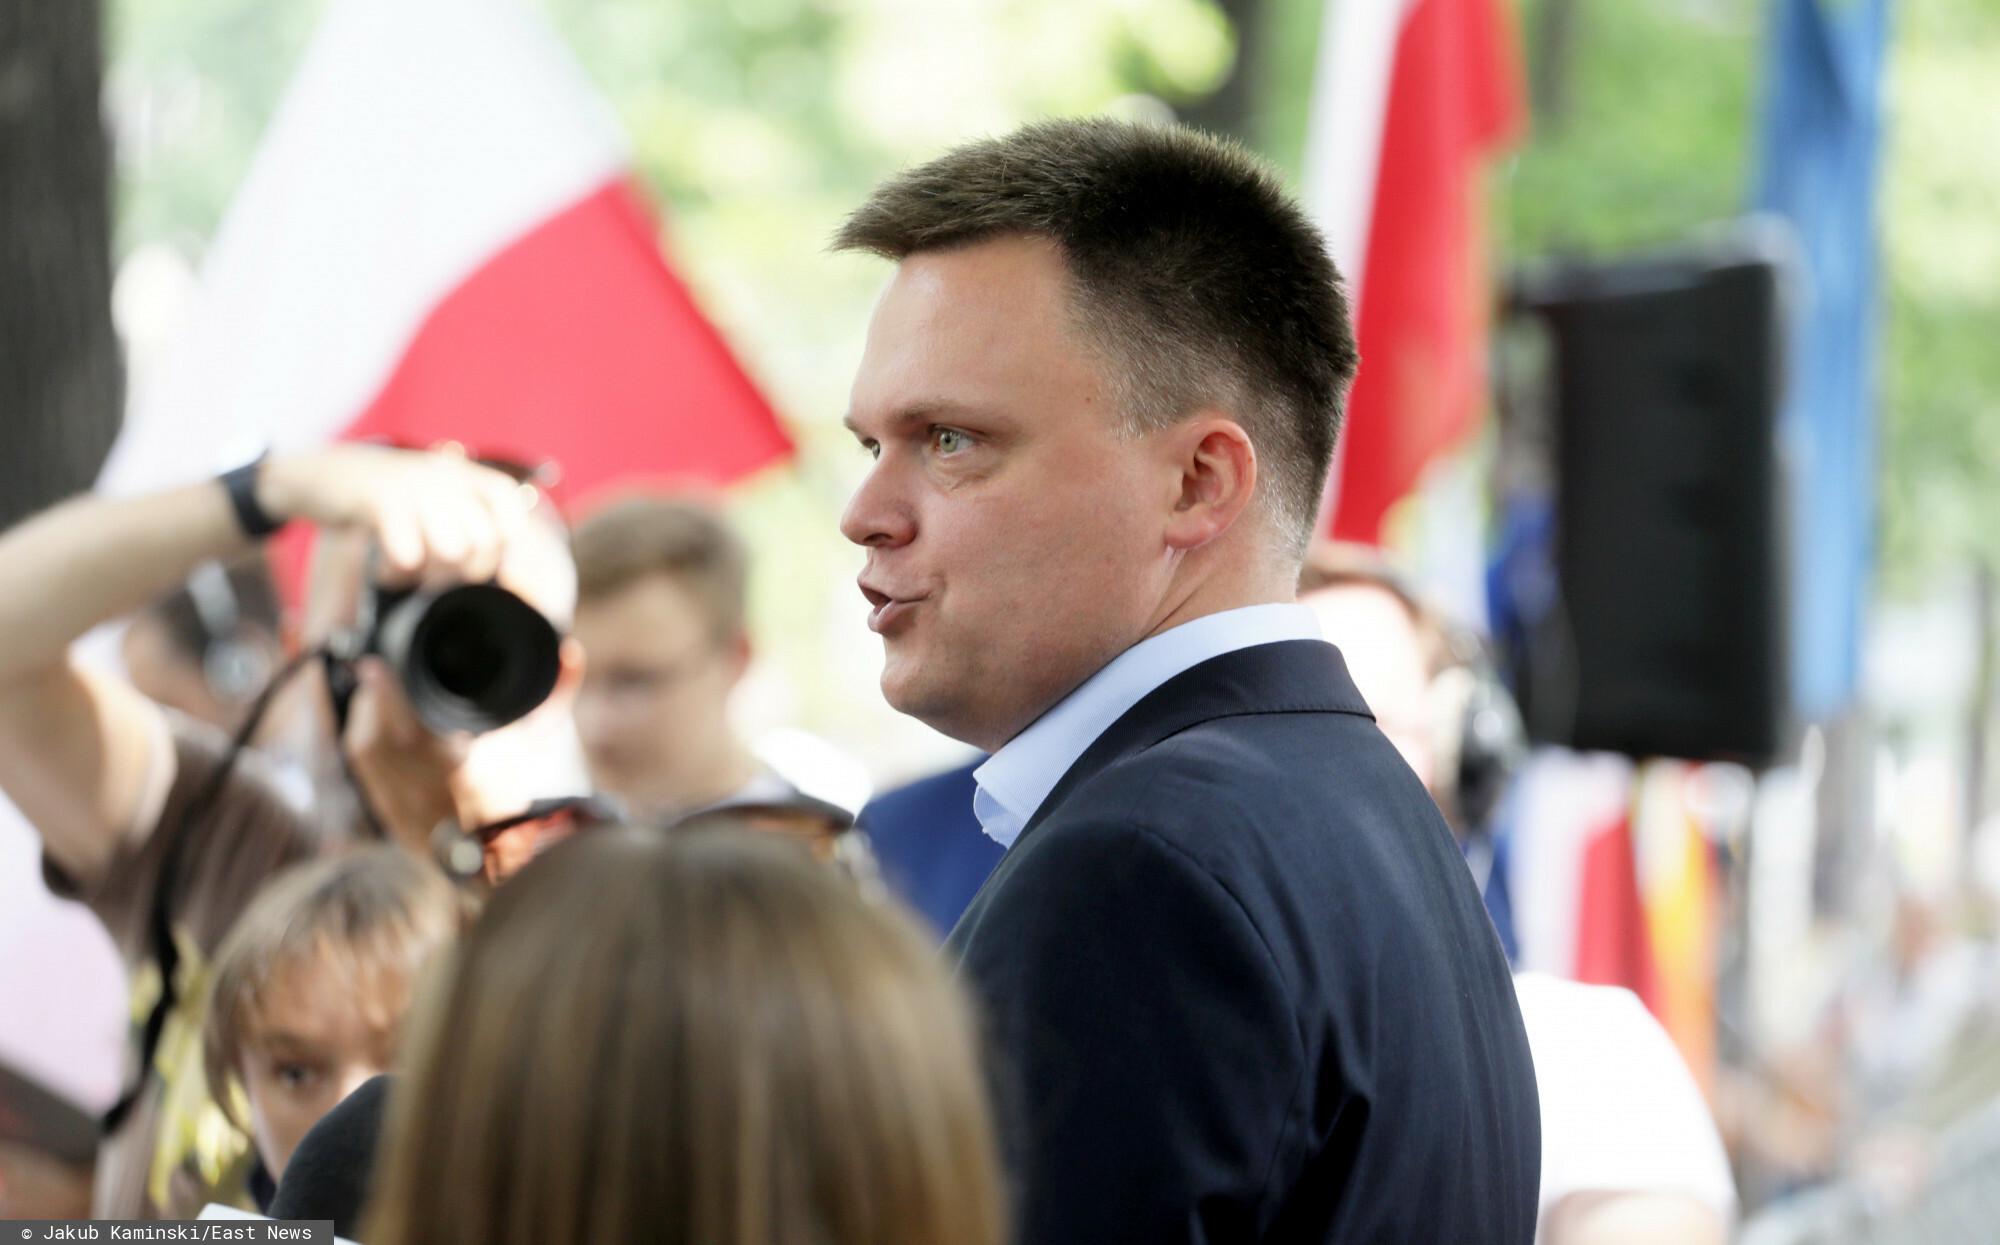 Jakub Kaminski/East News - zdjęcie ilustracyjne